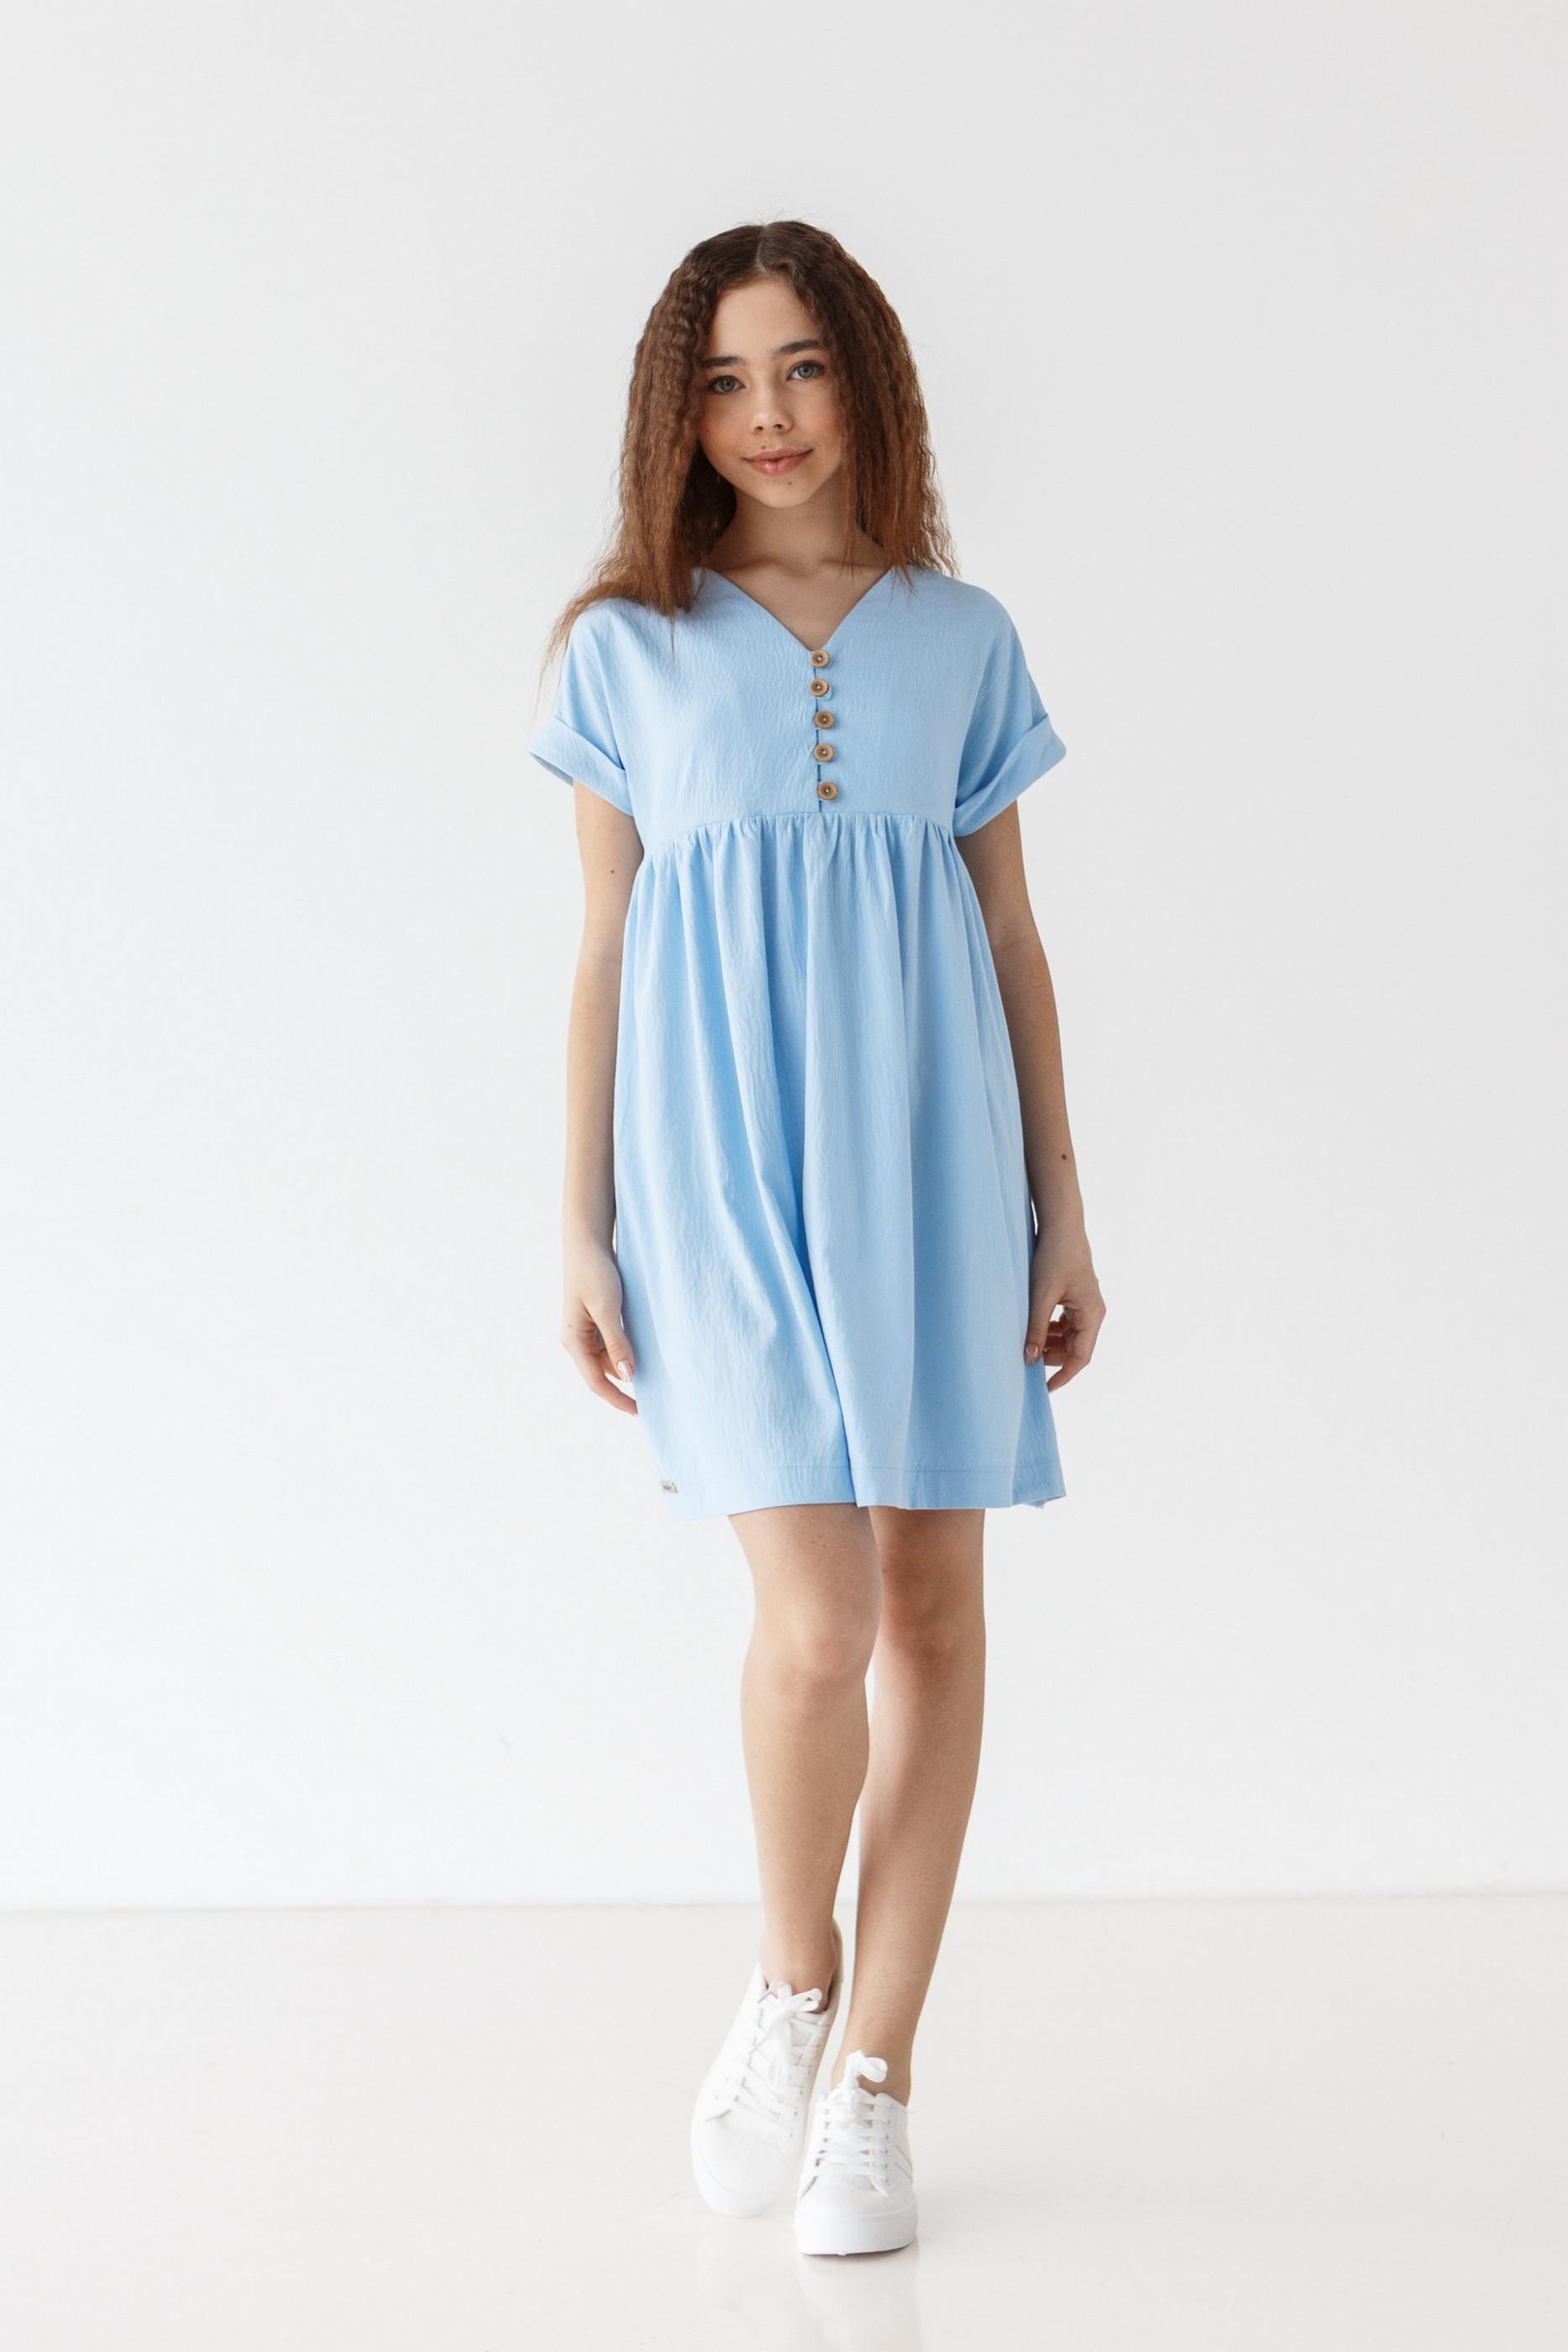 Плаття Лана, фото №1